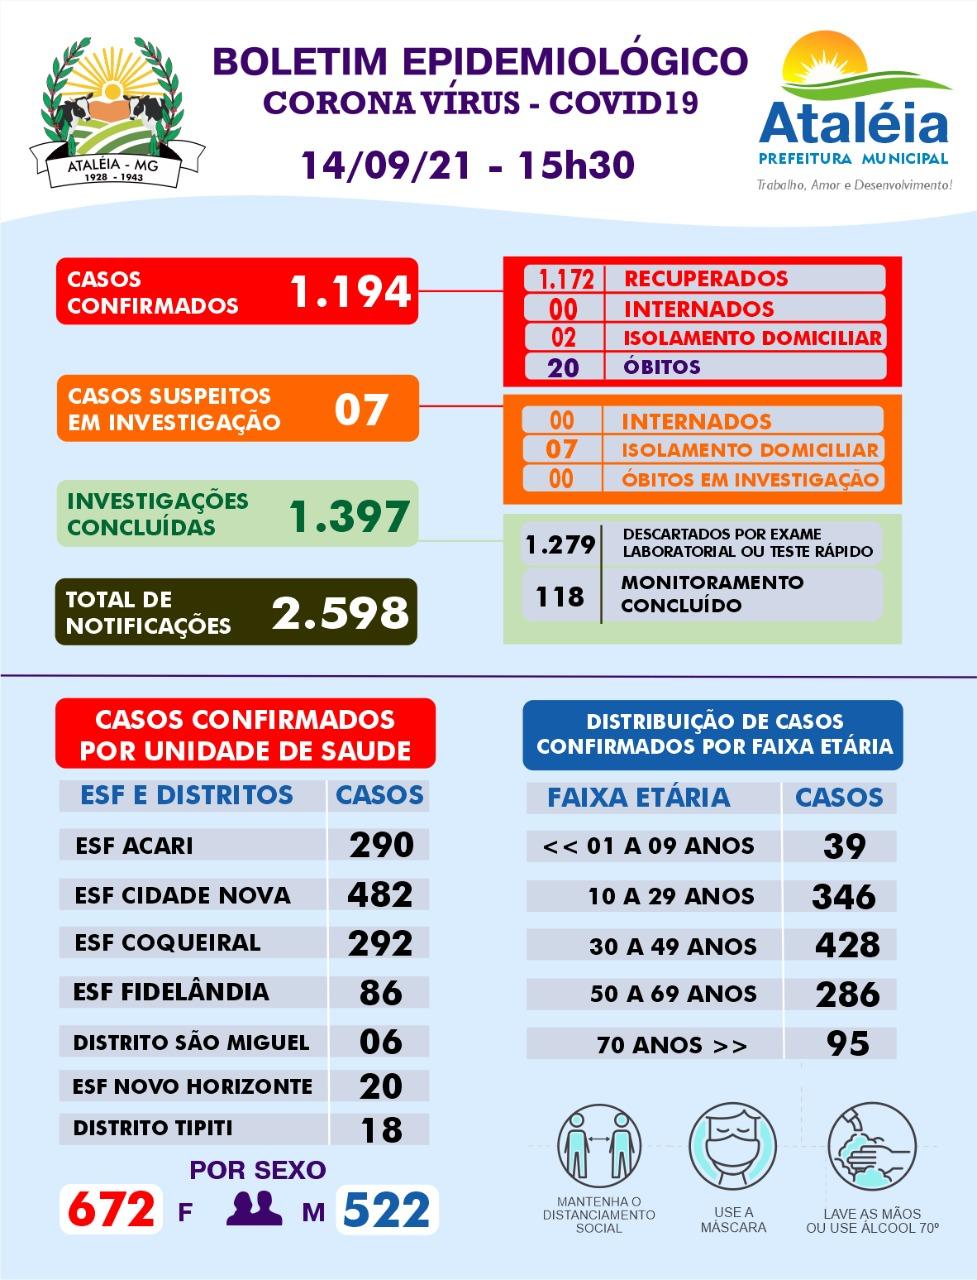 BOLETIM ATUALIZADO - 14 DE SETEMBRO DE 2021 📊🚑